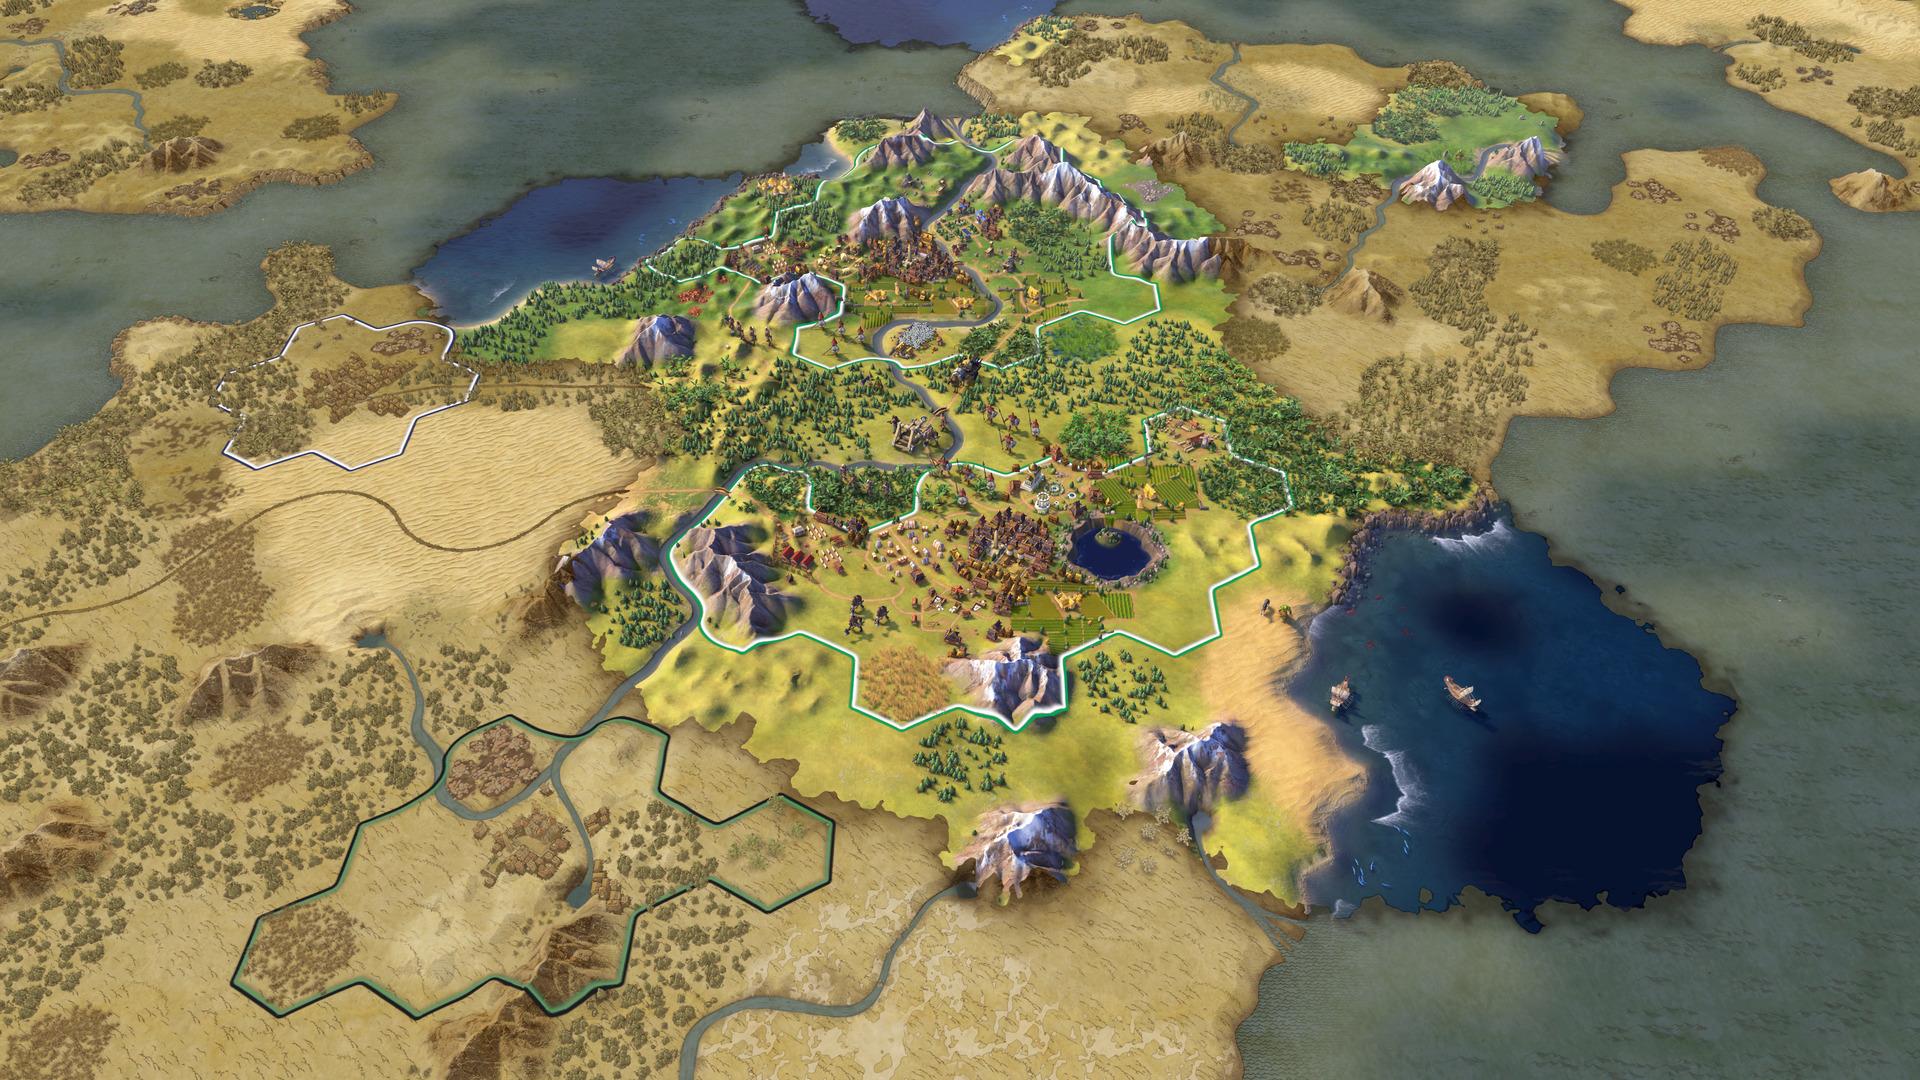 周辺の土地をどう活用するかによって、文明の性格が大きく変わっていく